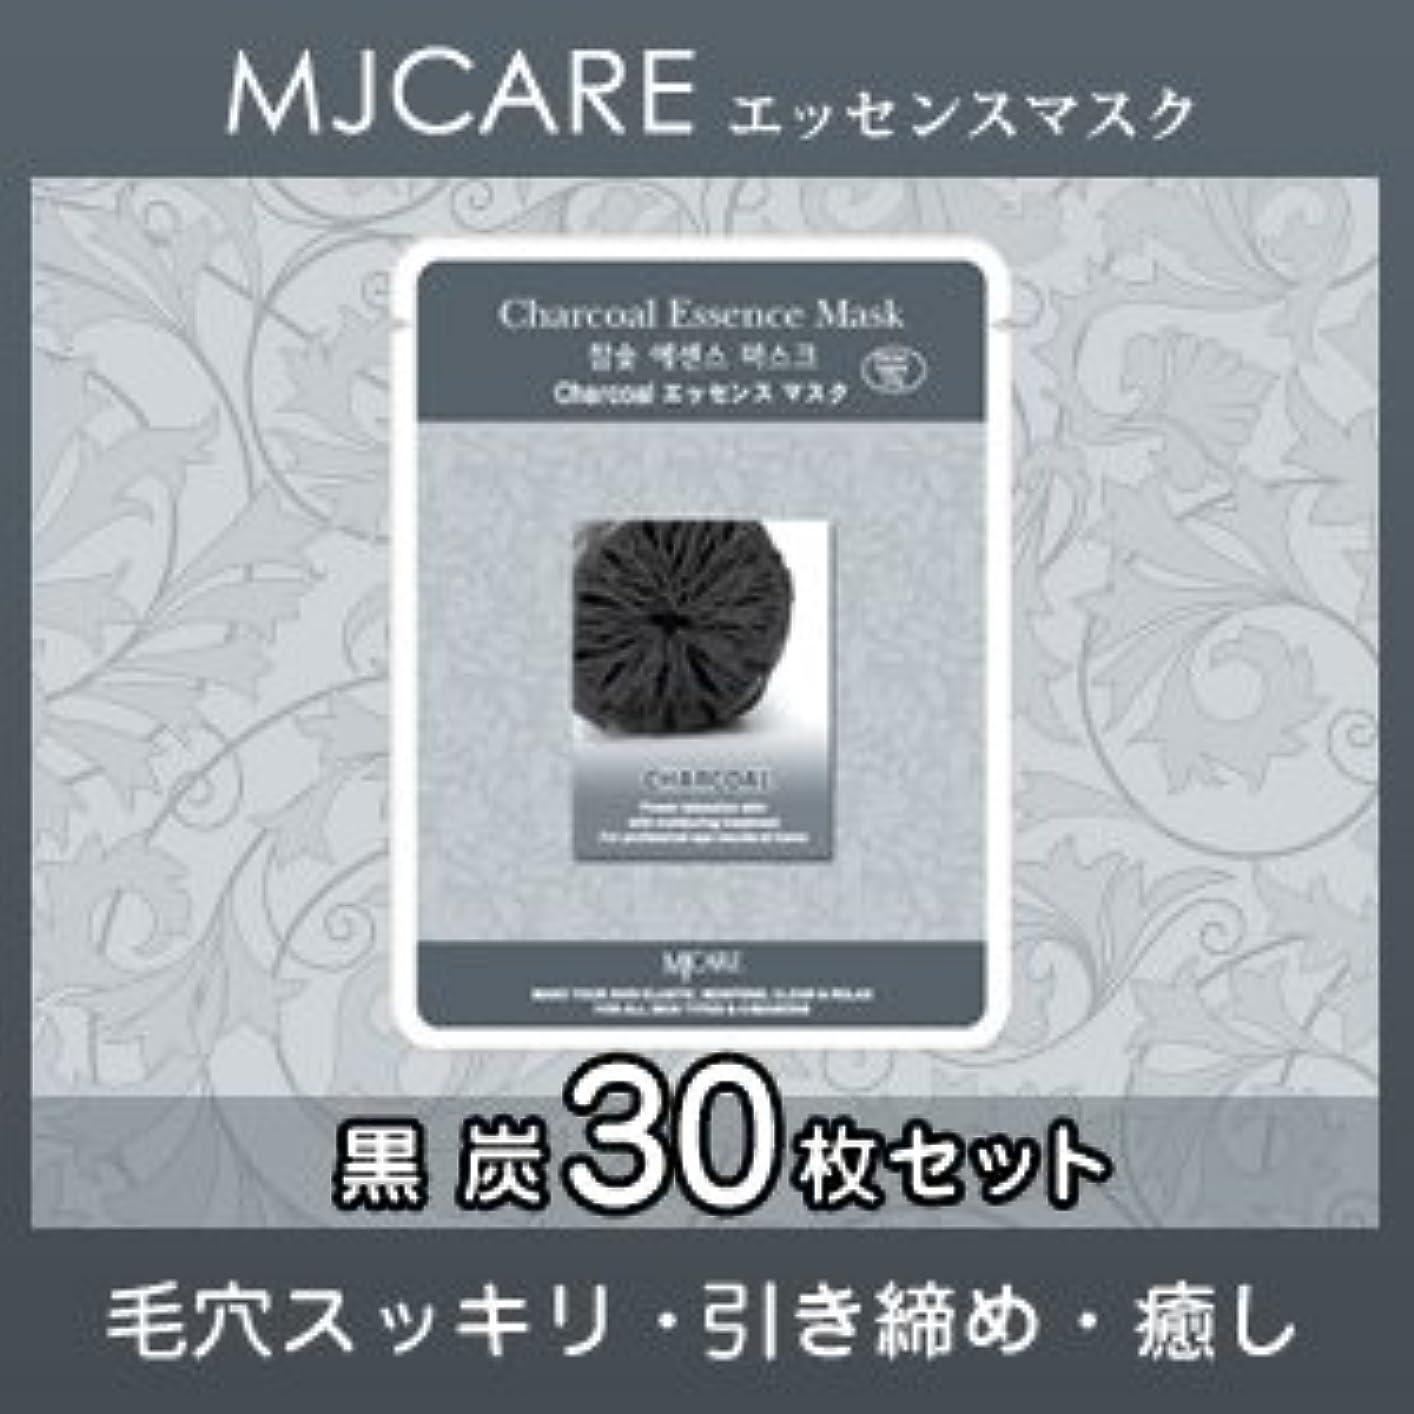 欺く範囲石鹸MJCARE (エムジェイケア) 黒炭 エッセンスマスク 30セット